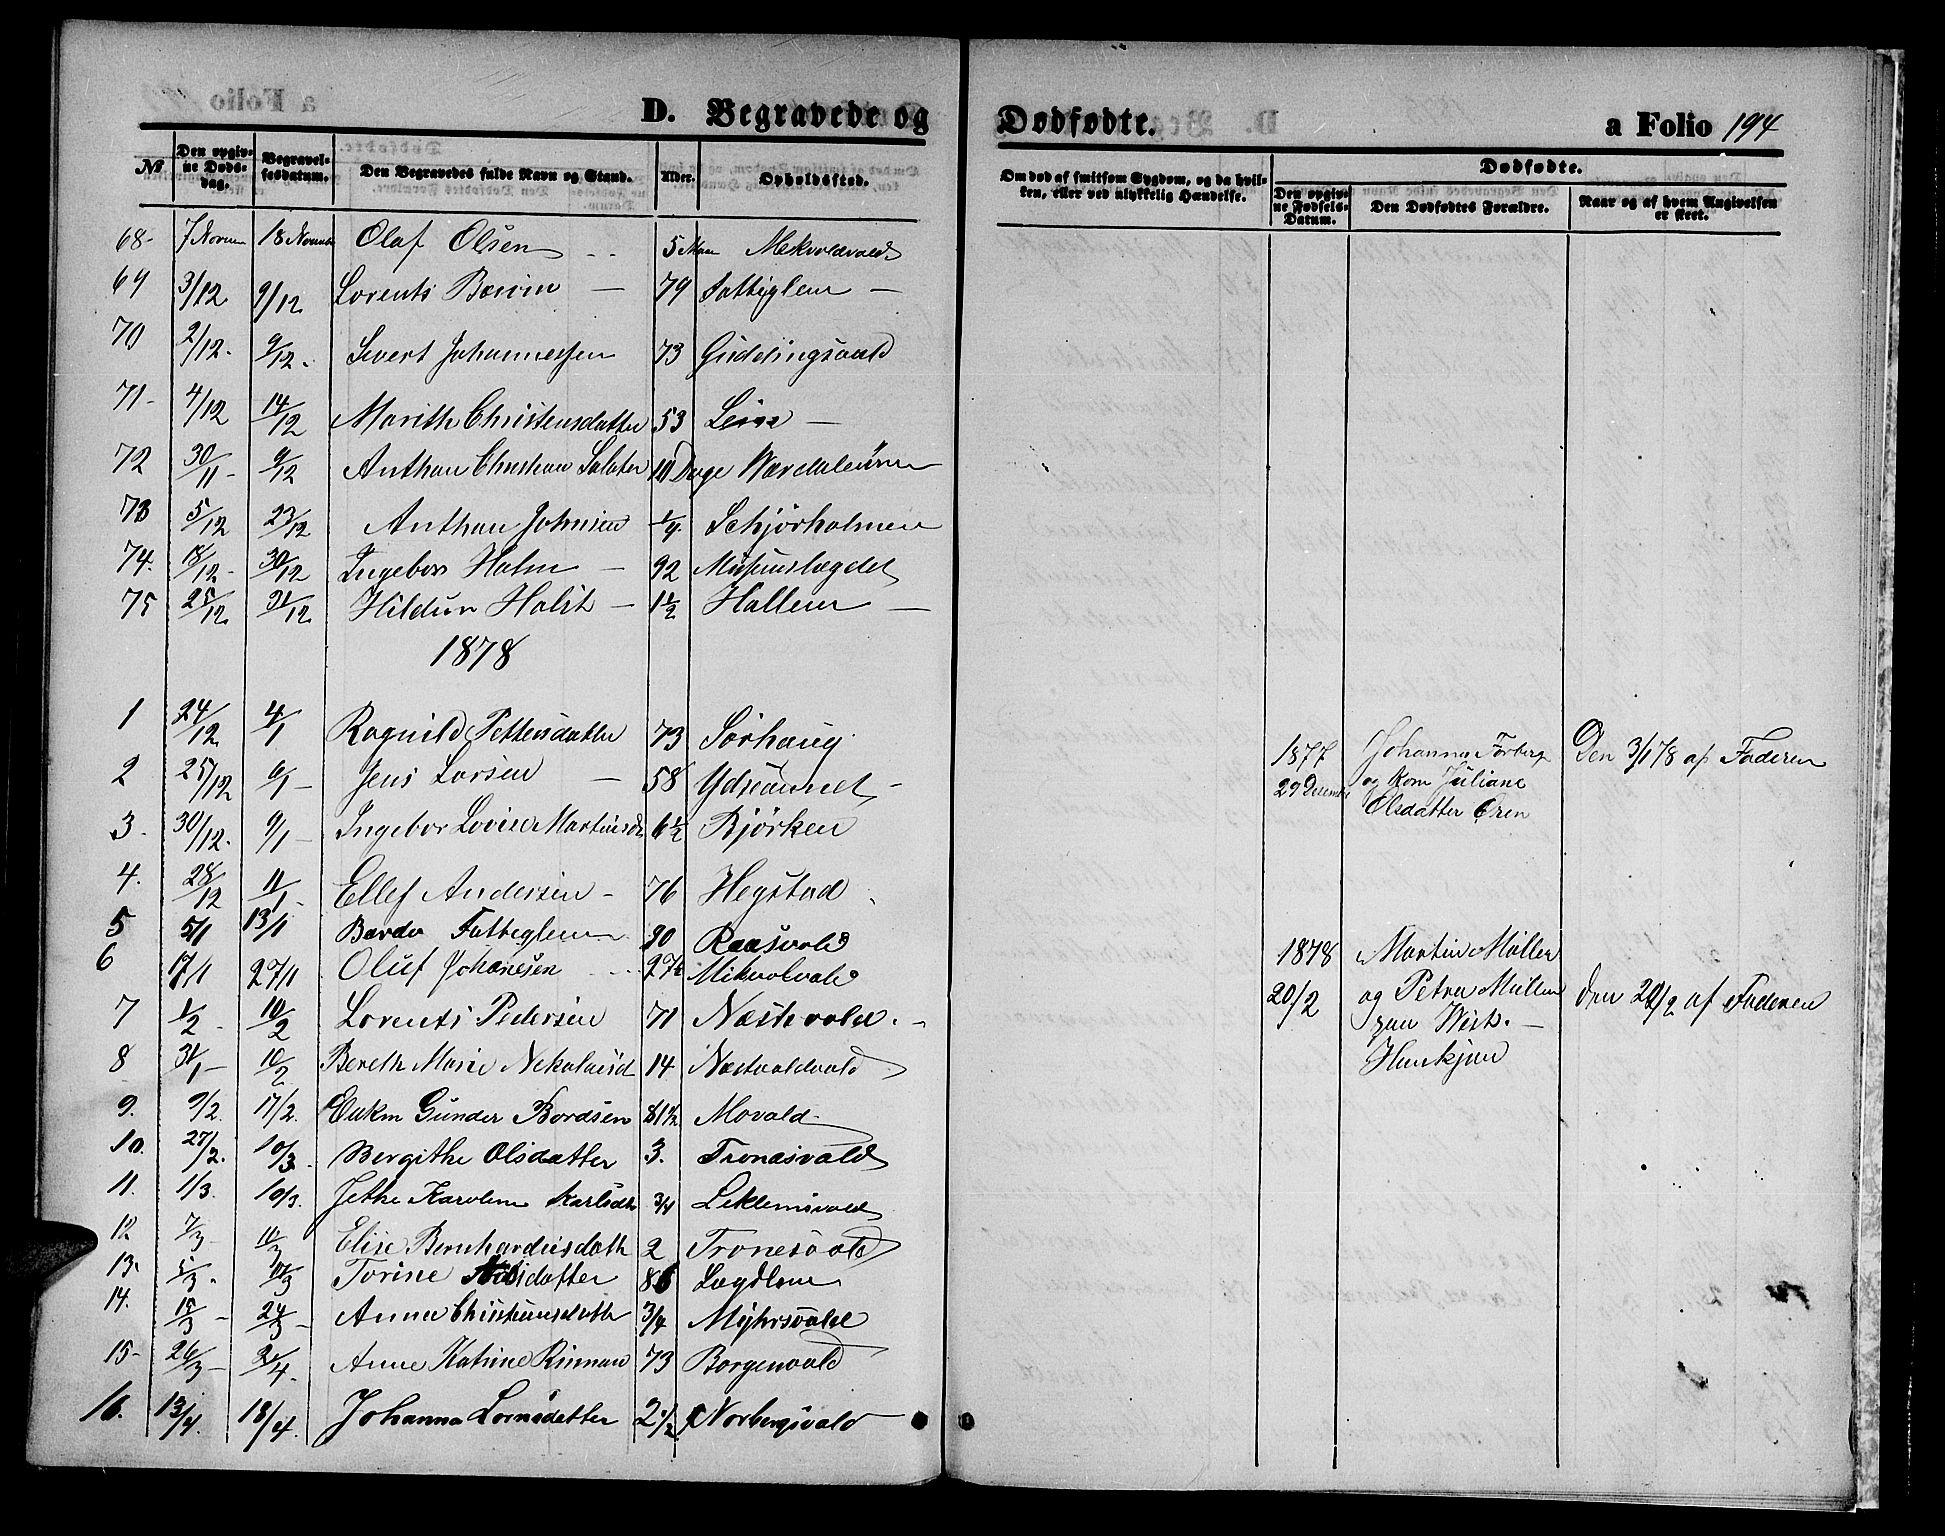 SAT, Ministerialprotokoller, klokkerbøker og fødselsregistre - Nord-Trøndelag, 723/L0255: Klokkerbok nr. 723C03, 1869-1879, s. 194